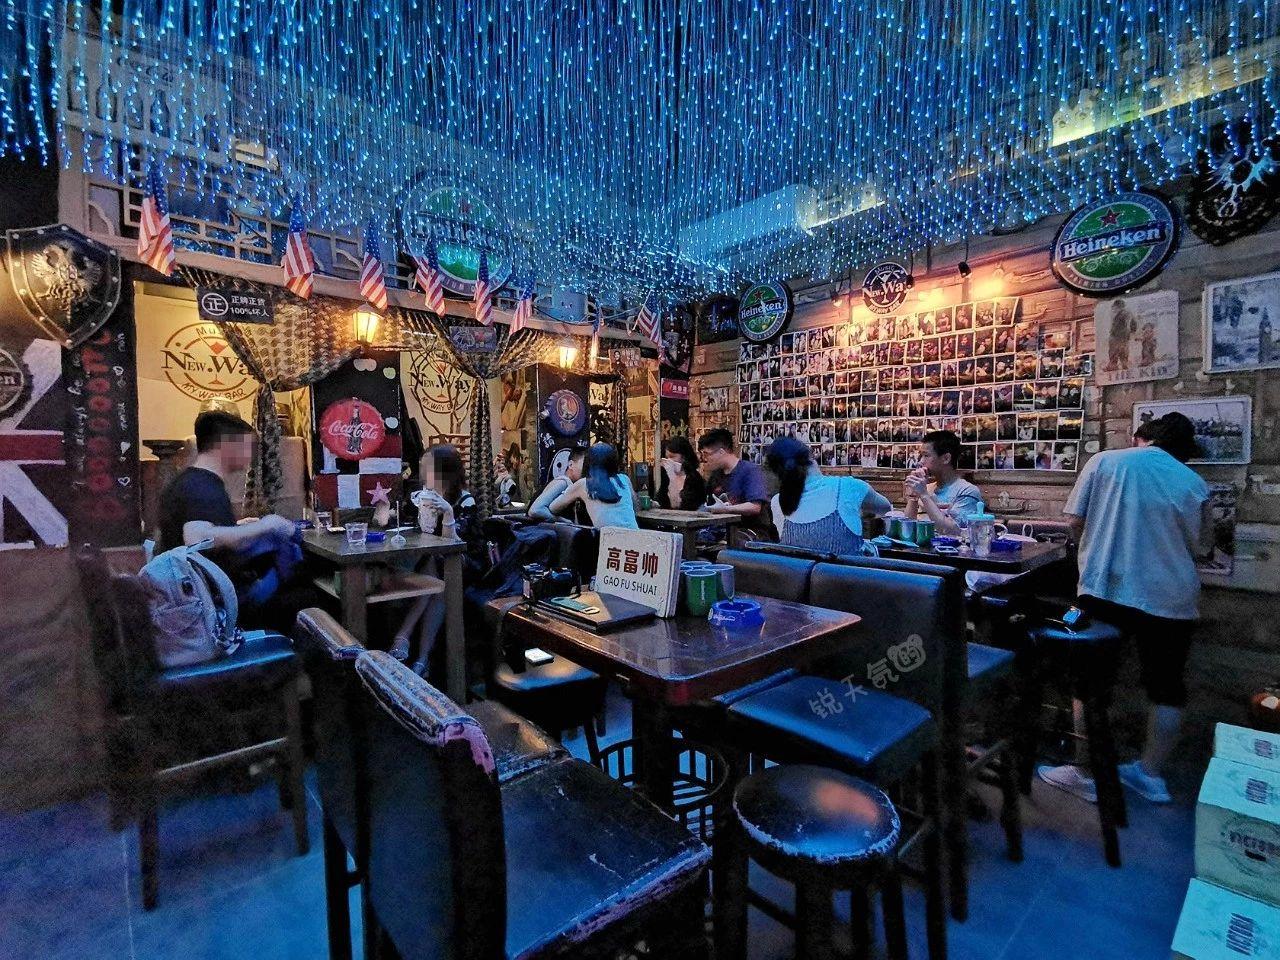 厦门最隐蔽的小众网红酒吧,第一次去连门都差点没找到_老曹